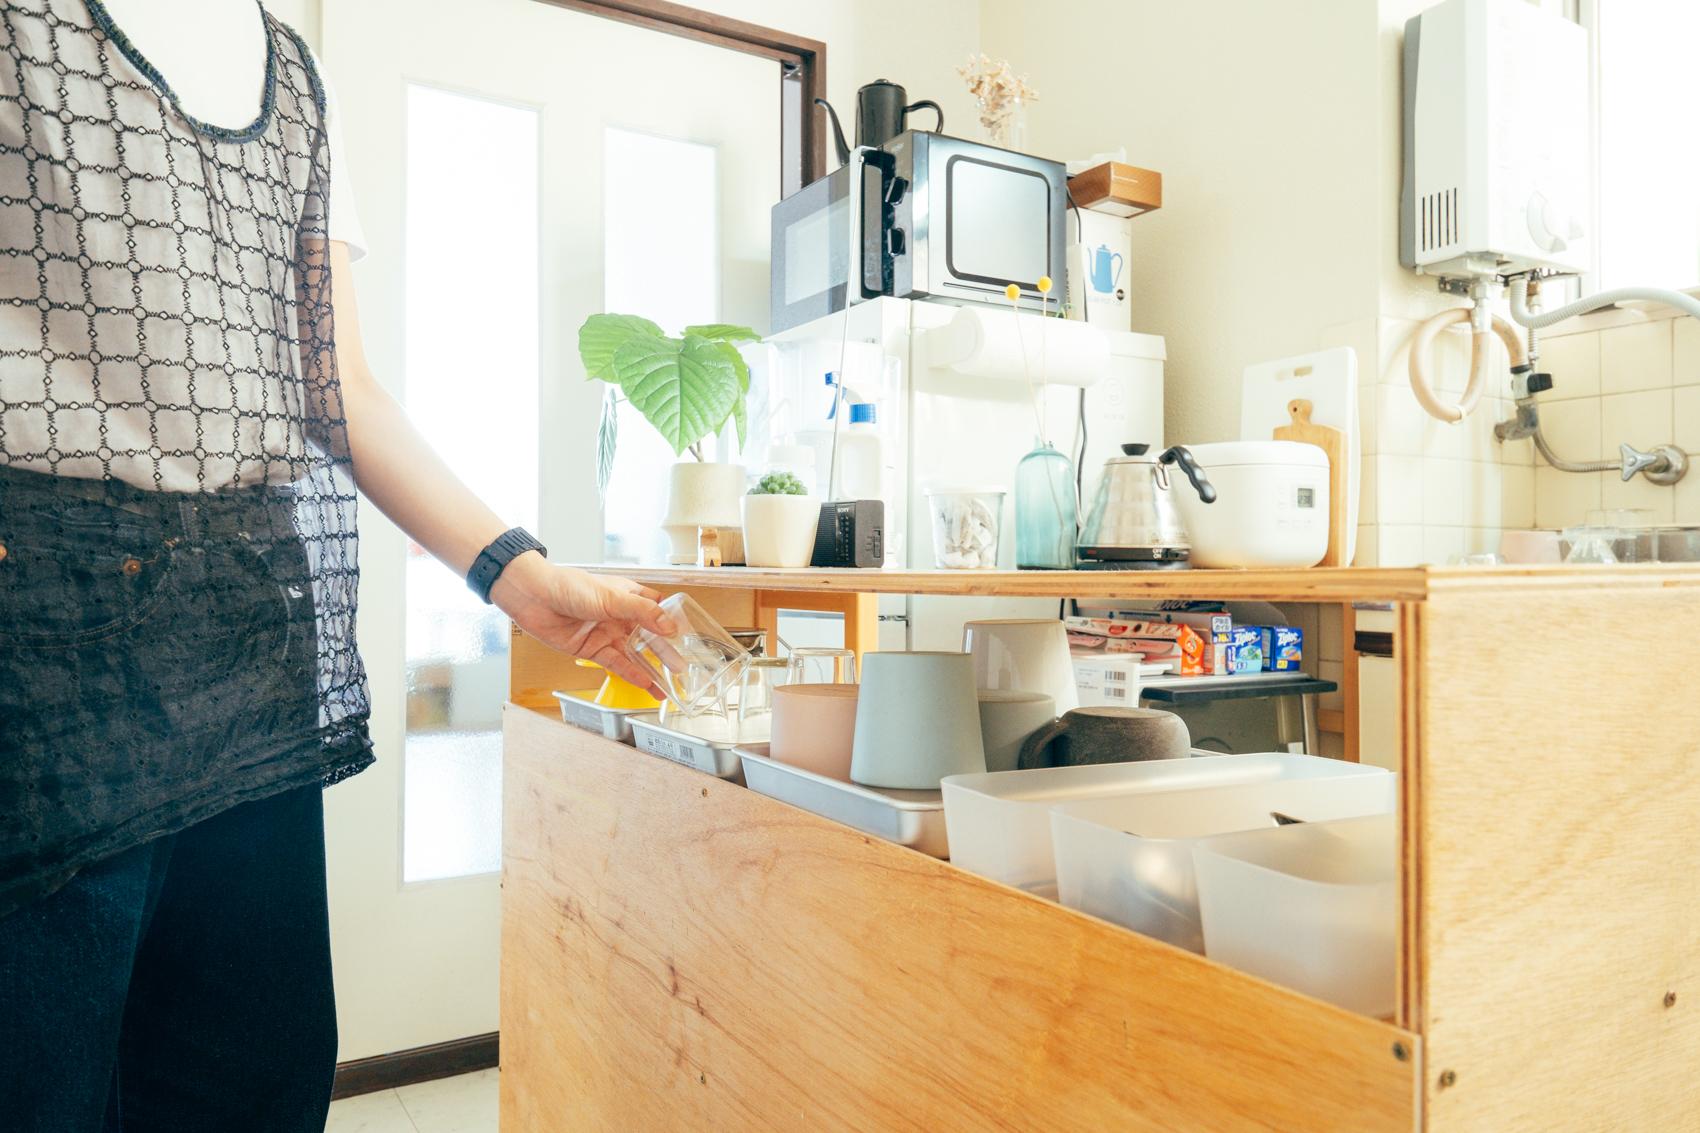 DIYで作った棚には通し窓がついており、これによって、キッチンの内外両方から使用頻度の高いマグなどは取り出しが可能な作りに。 「飲食店に勤めていた時の経験を活かして、通し窓やトレイの落下を防ぐように小さな段差を作っています。」